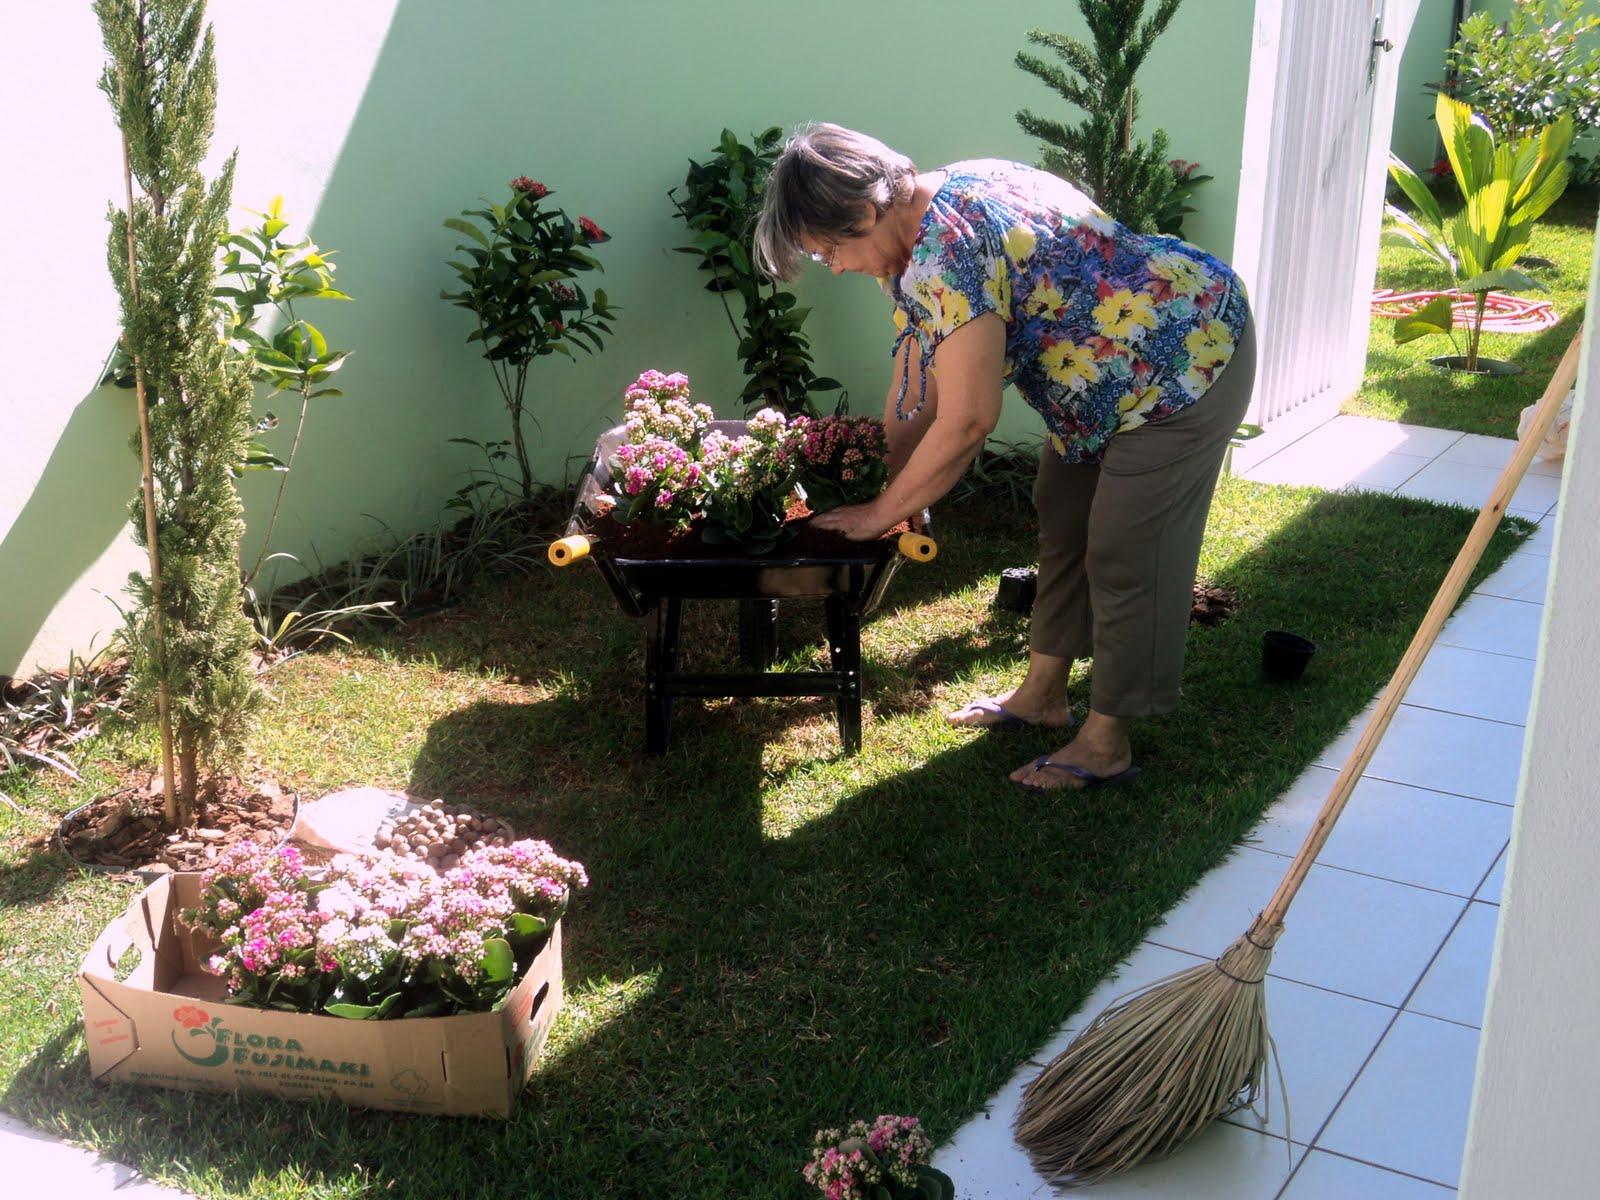 sonho de ter um CARRINHO DE MÃO recheado de flores no nosso jardim